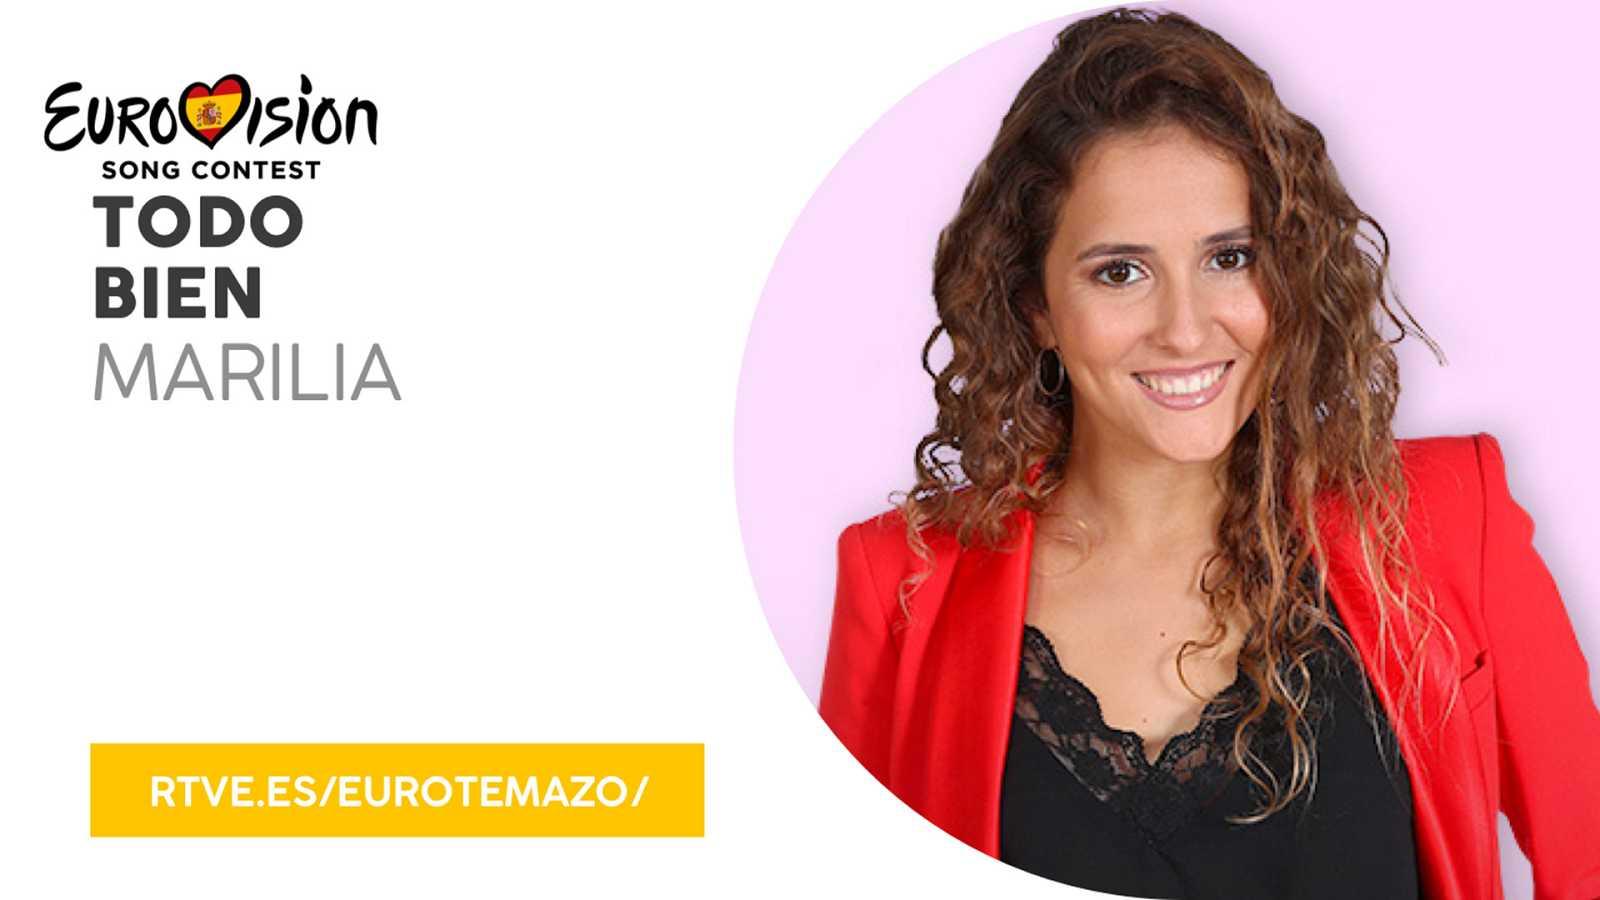 """Eurovisión 2019 - Eurotemazo: versión final de """"Todo bien"""", cantada por Marilia"""